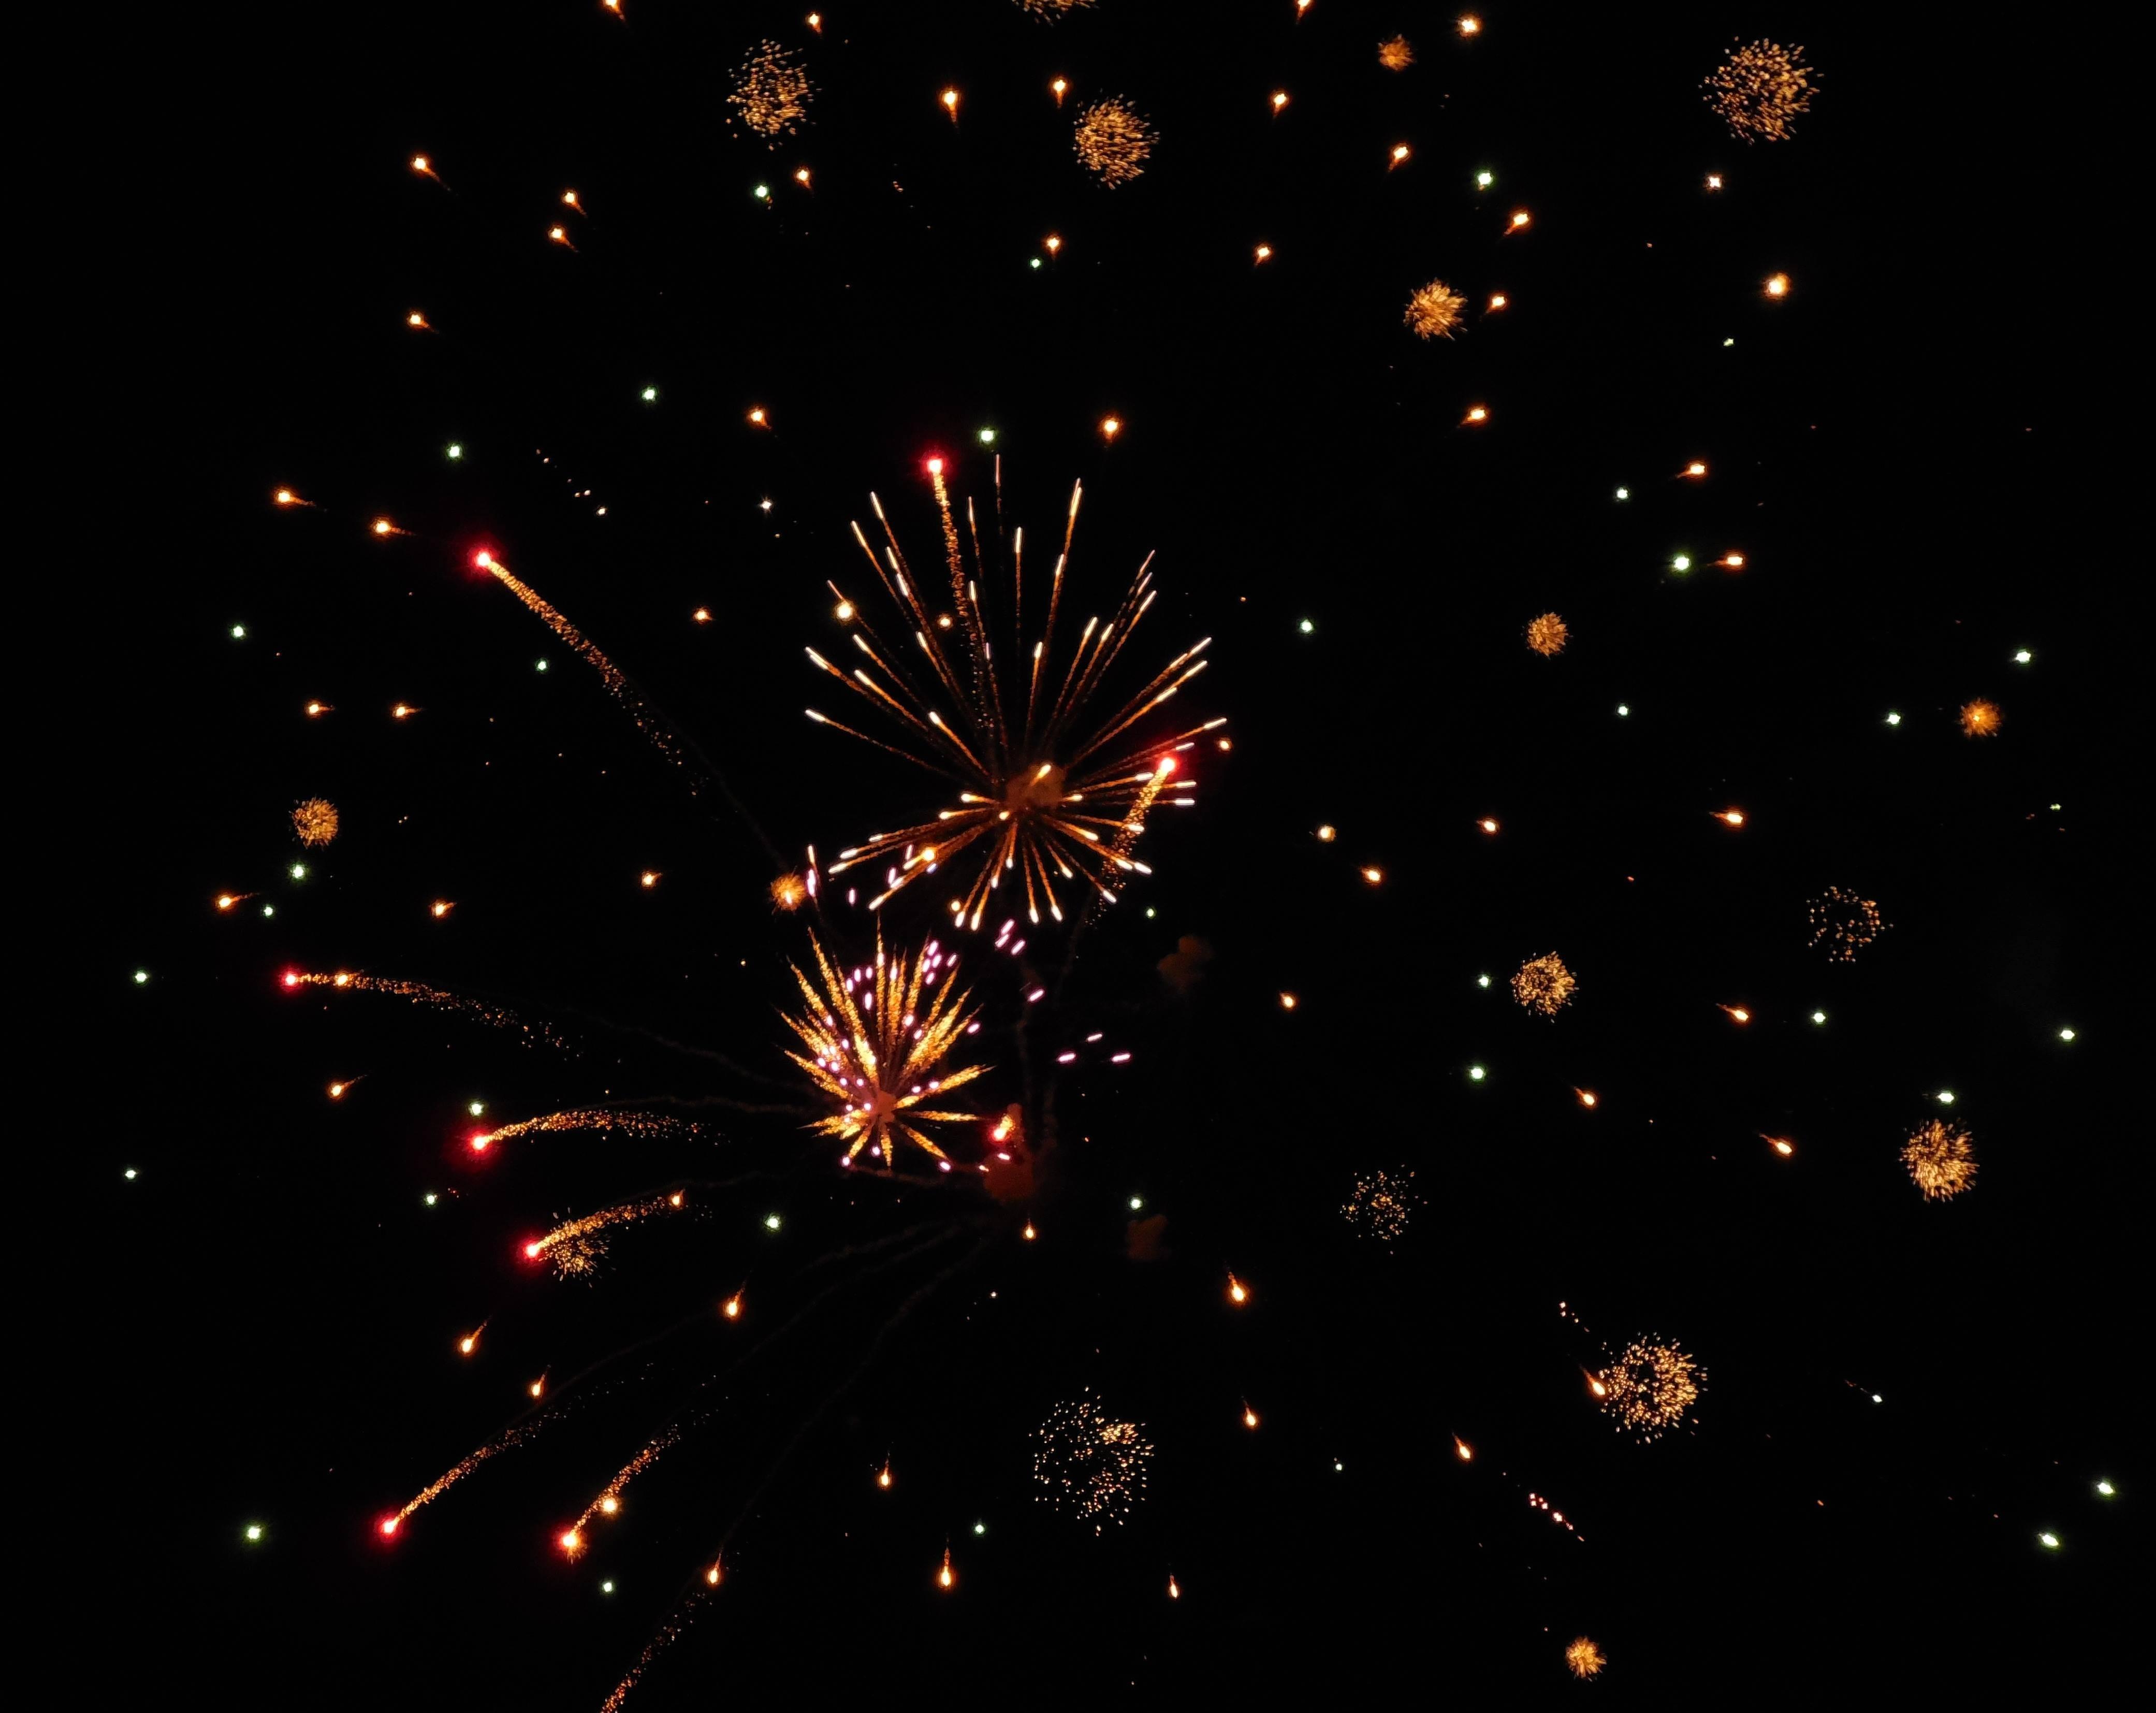 fc17ce5b8f1d1b07b1ca_fireworks1.jpg